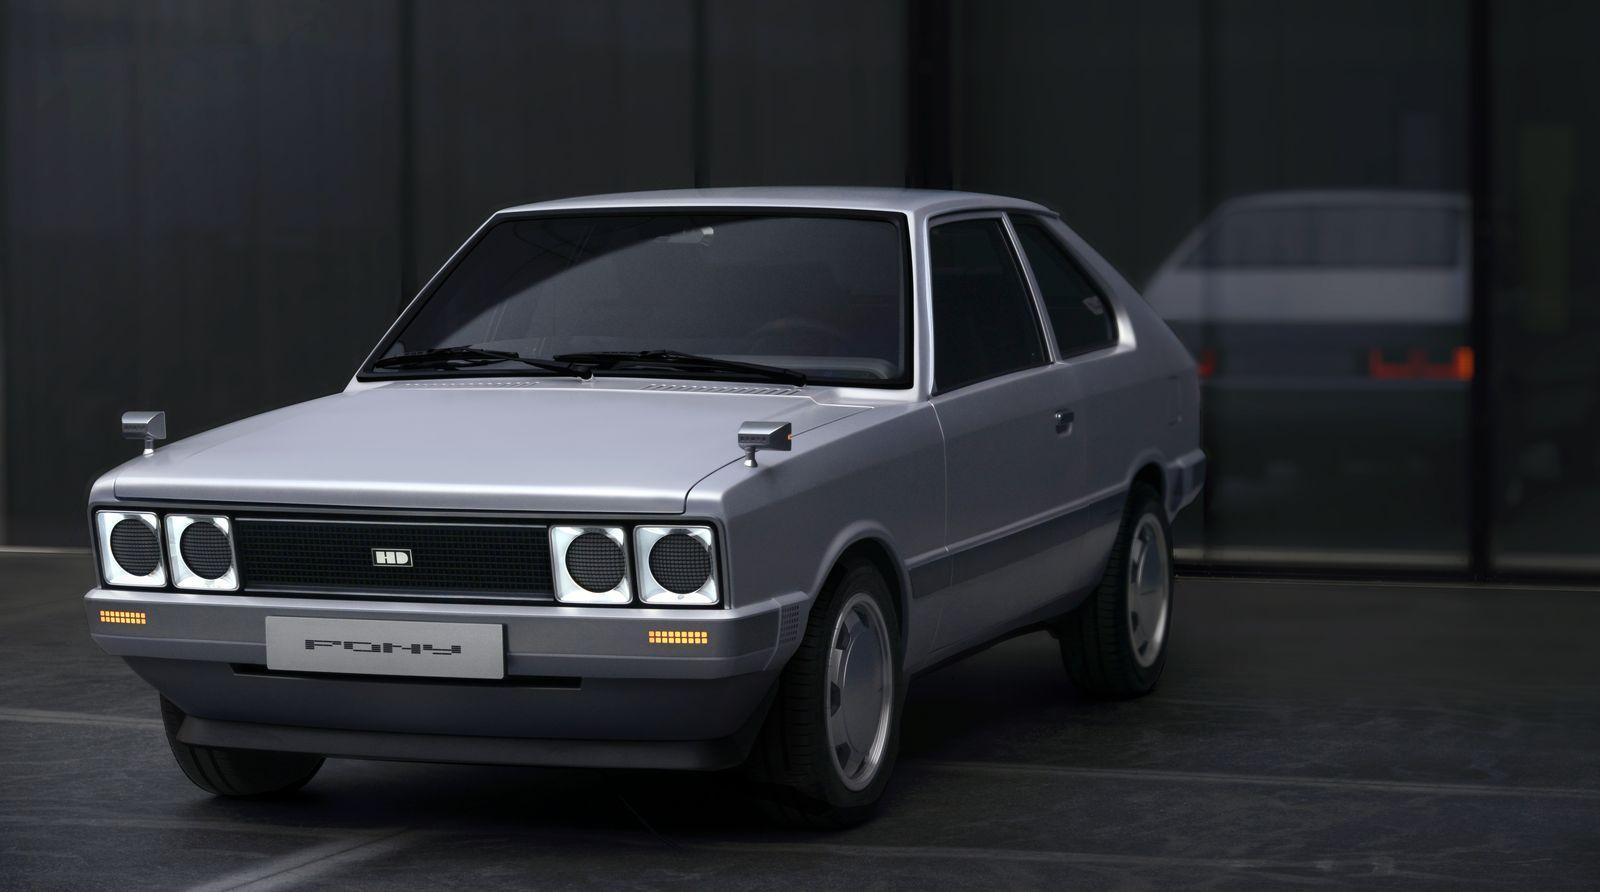 HyundaiPony_2021_AutoRok_09